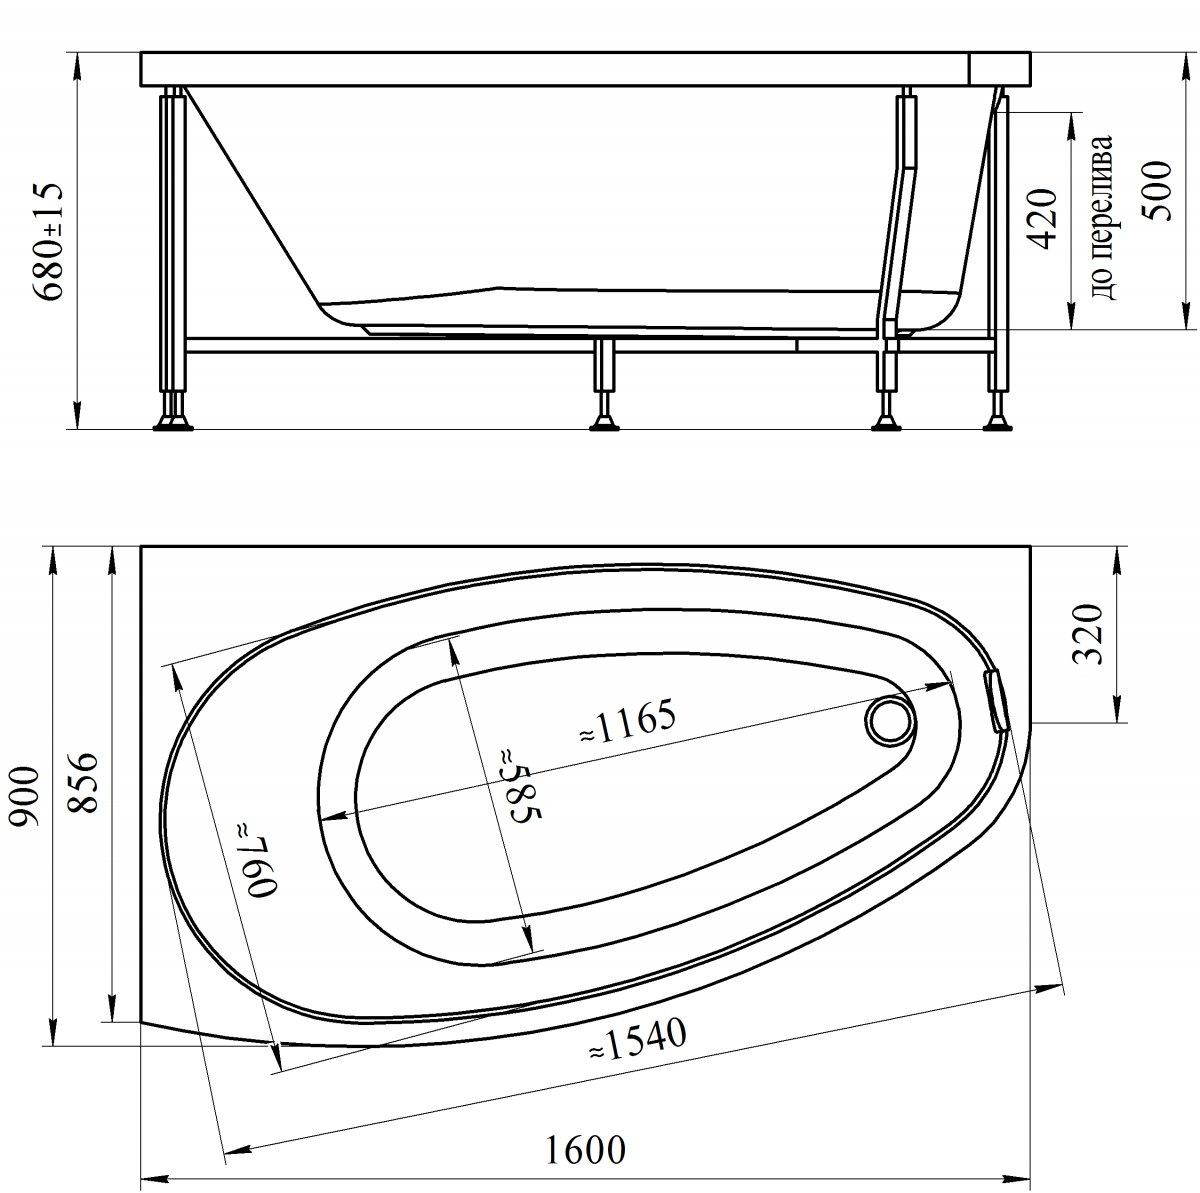 Quanti Litri Nella Vasca Da Bagno Quanta Acqua In Cubi Si Adatta A Un Font Standard Standard Di 150 E 170 Cm Di Lunghezza Come Calcolare Lo Spostamento